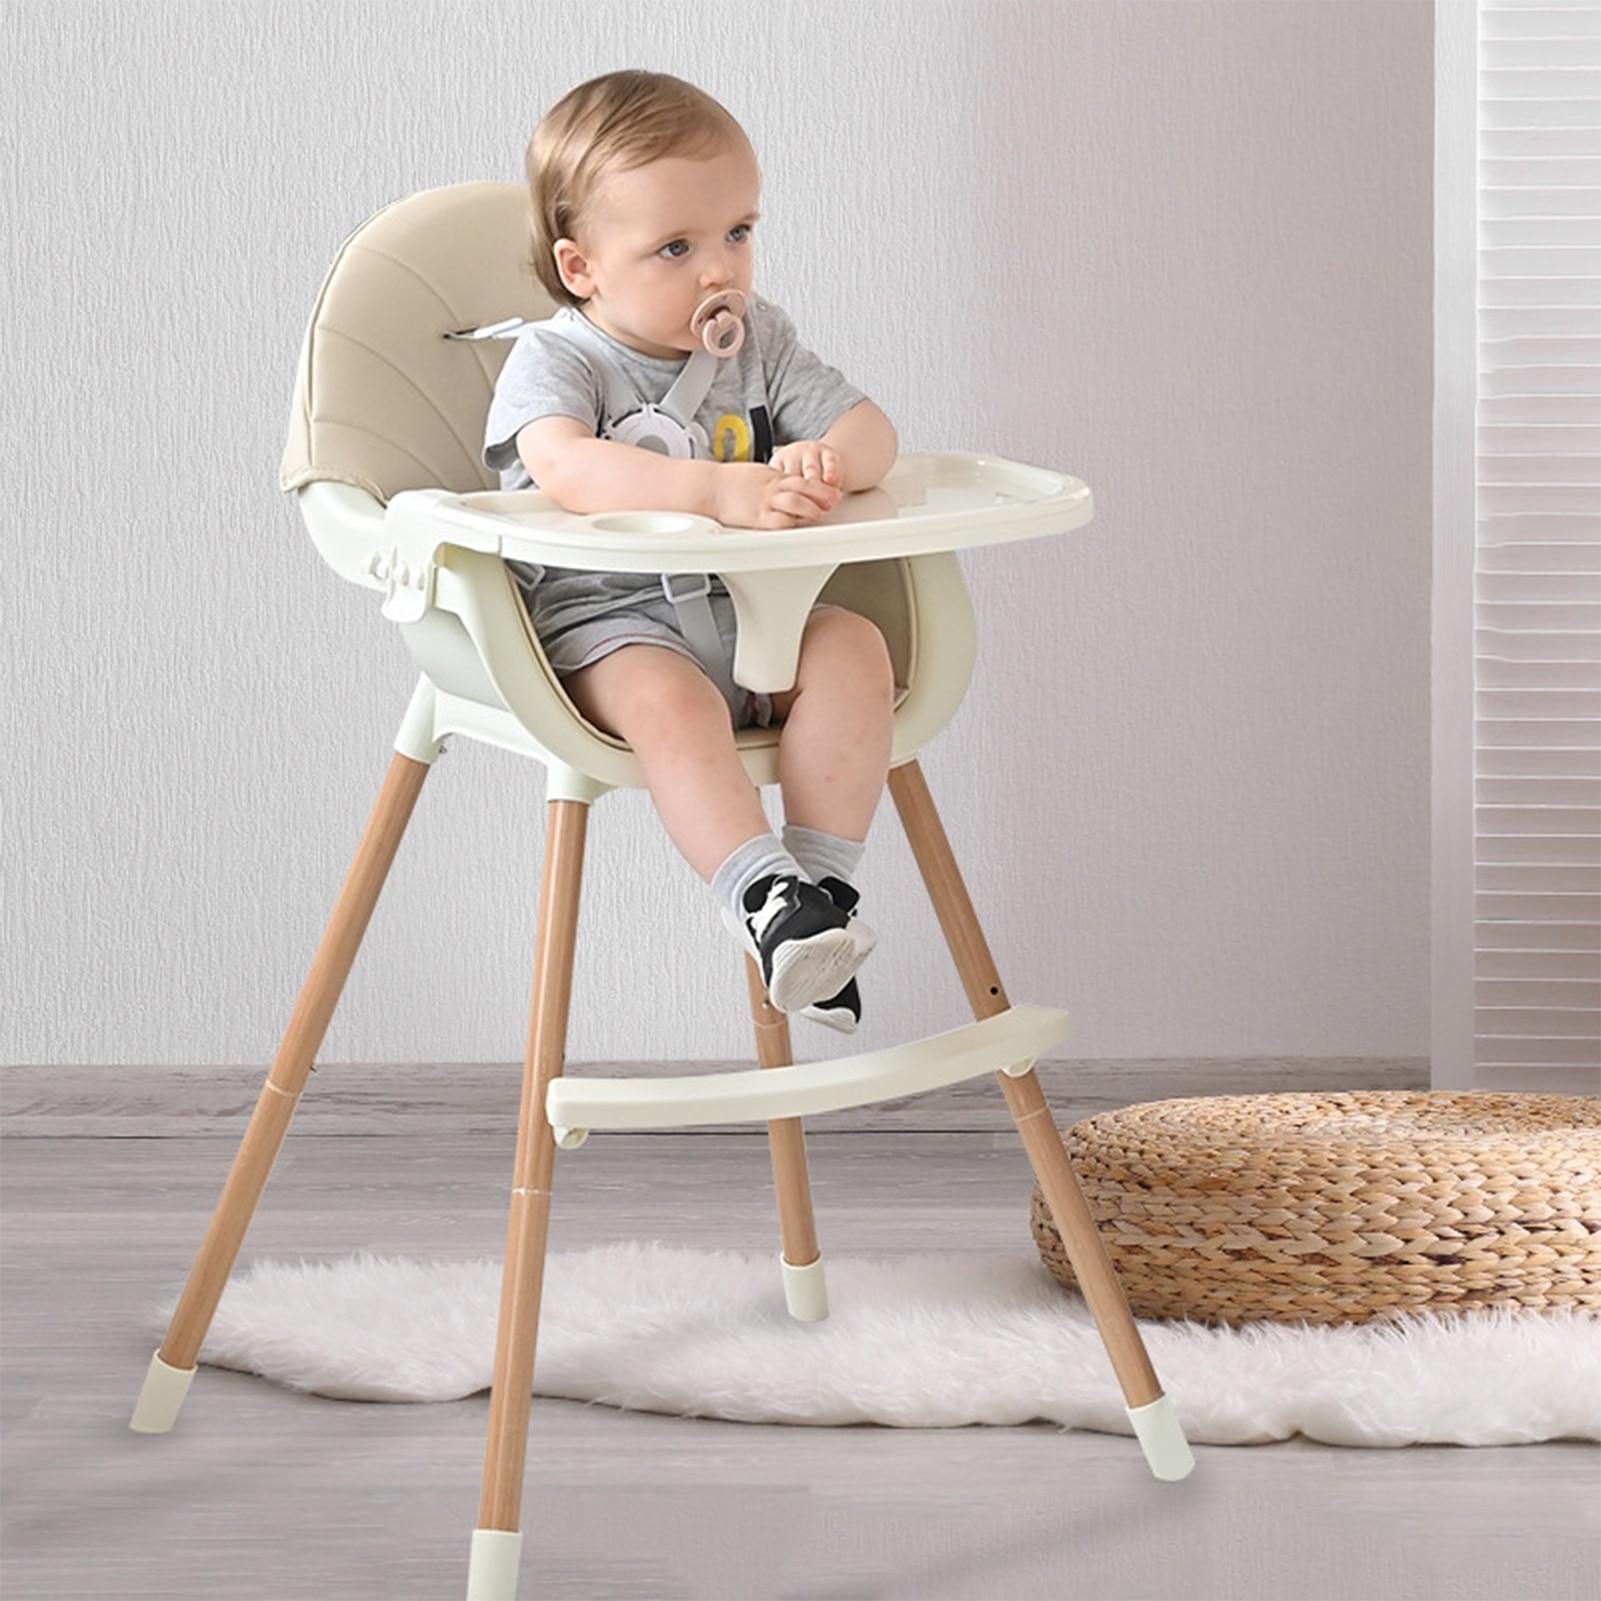 Детское обеденное кресло, складное портативное детское кресло с высоким столом, многофункциональное сиденье с ремнем Selt, съемная обеденная...